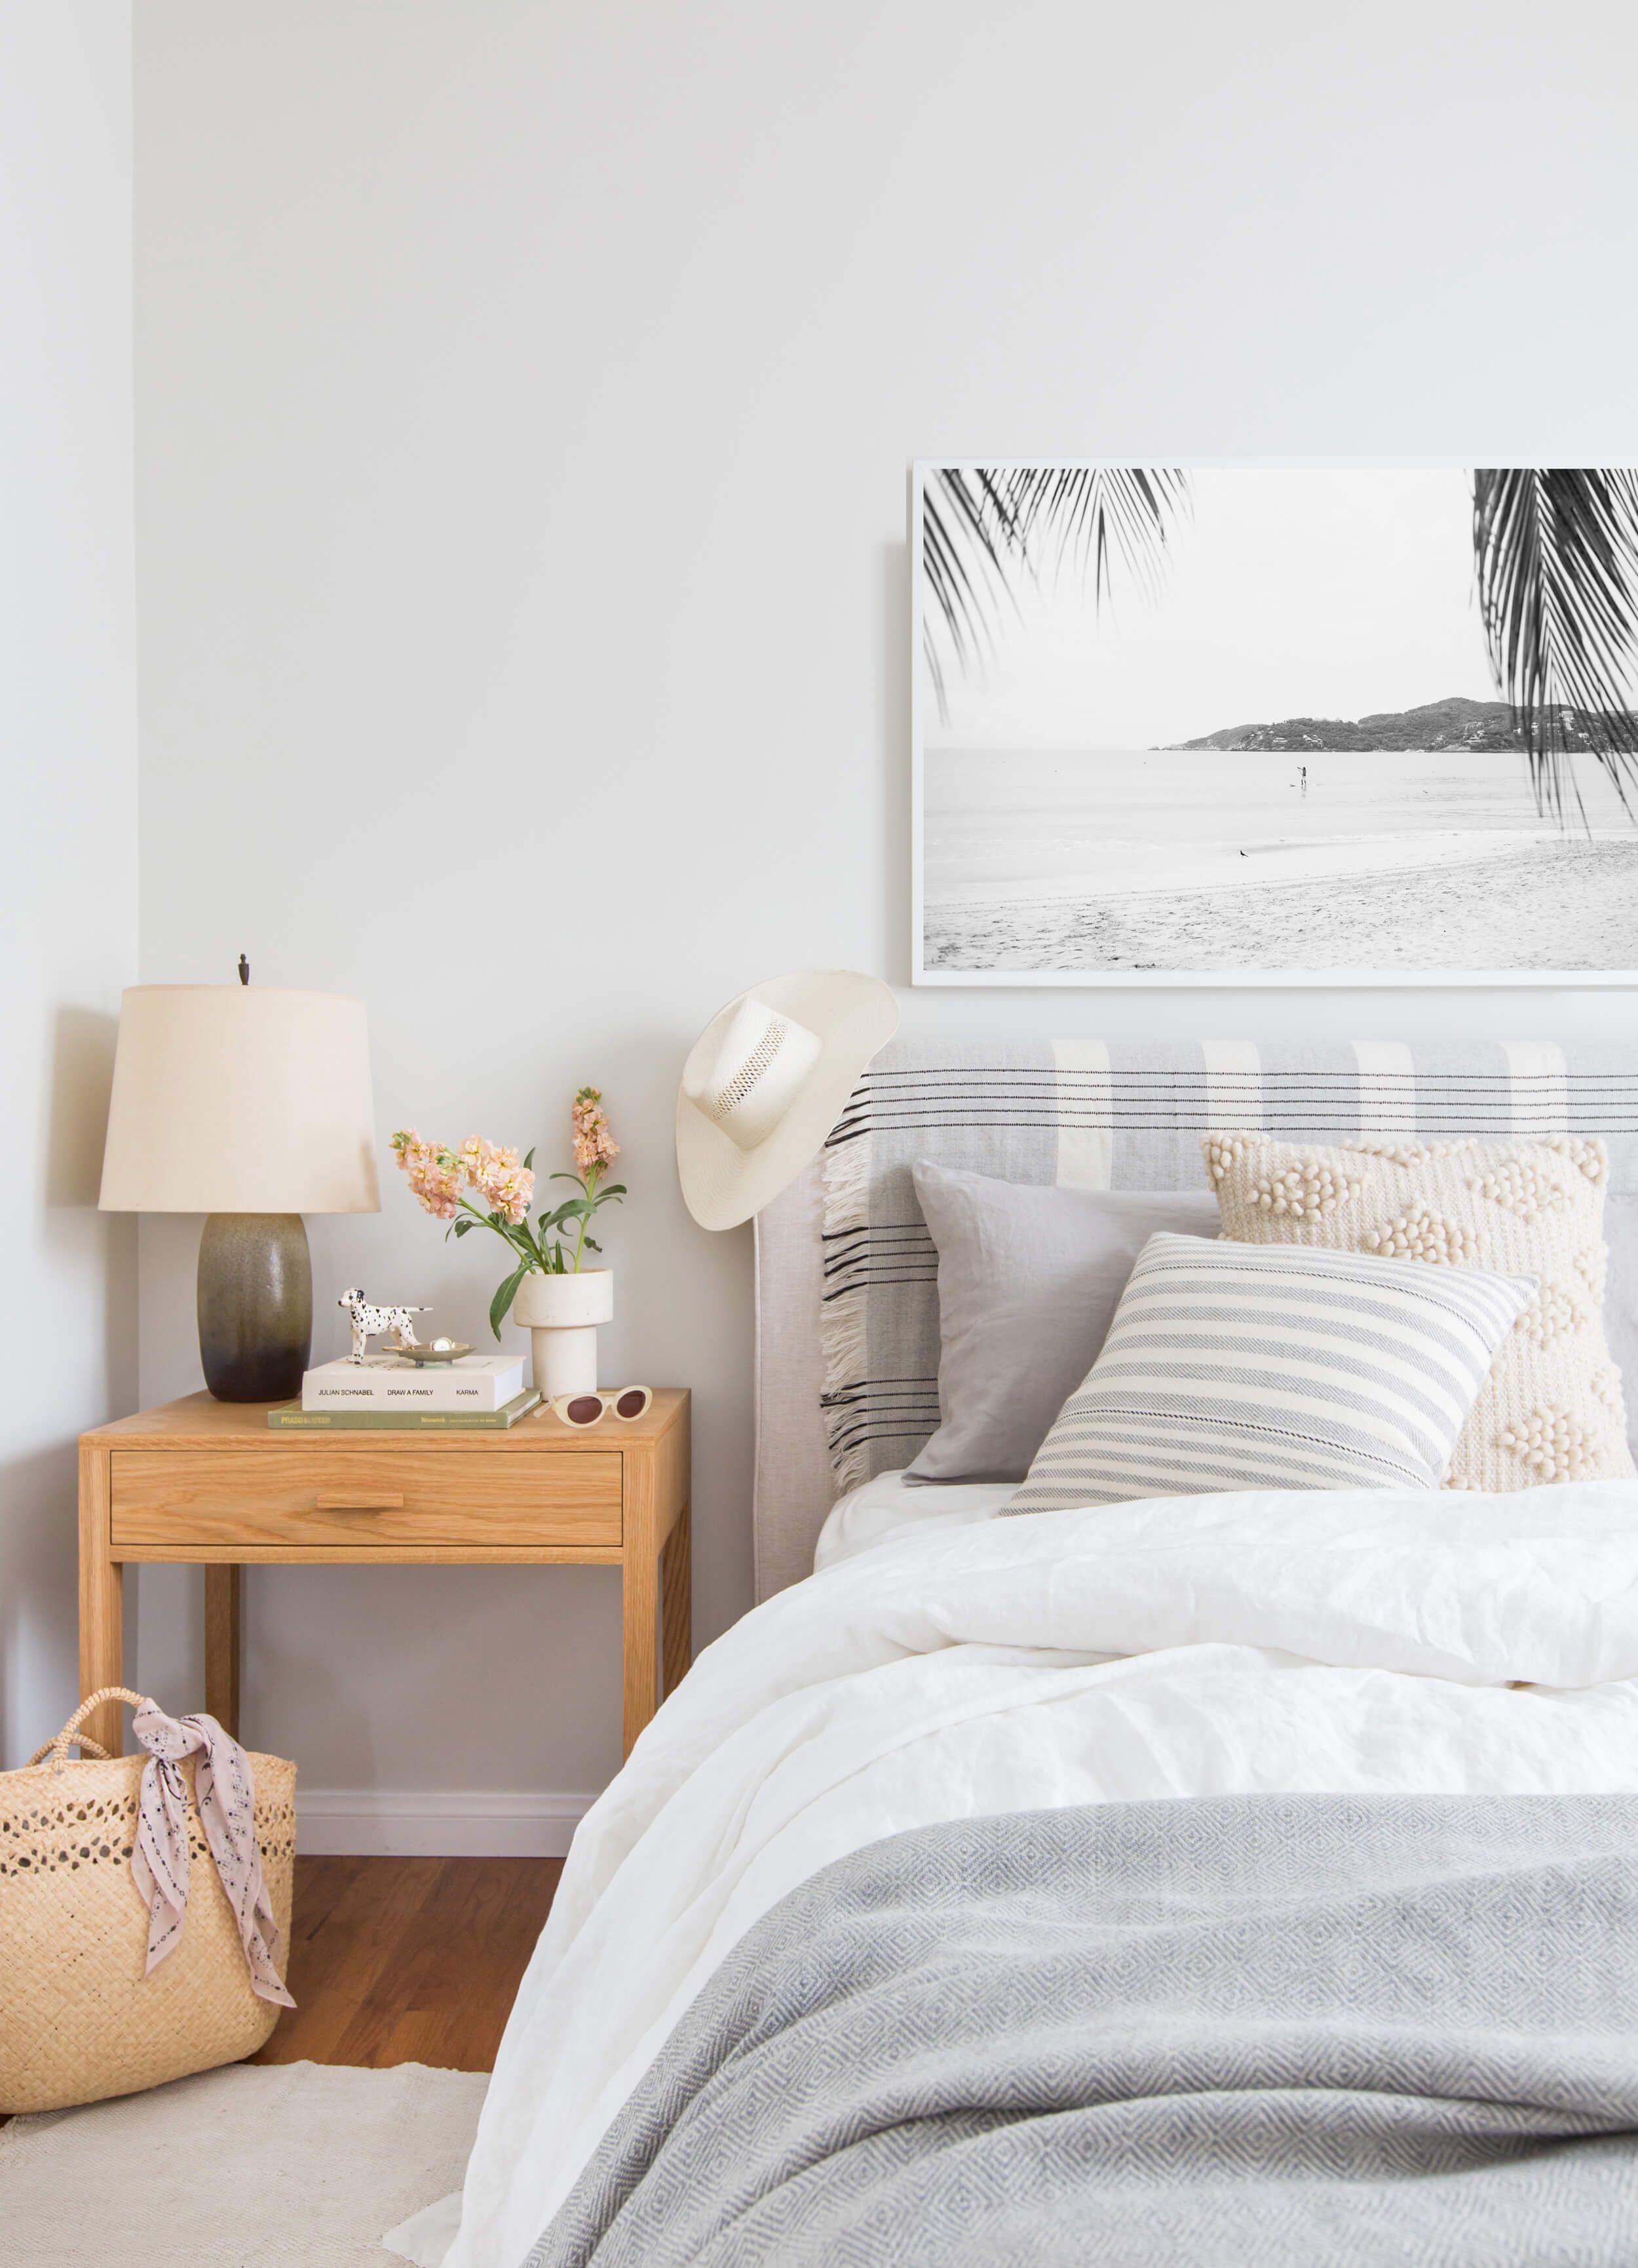 Pin Von Maria Steinhof Auf Schlafzimmer Schlafzimmer Einrichten Mode Schlafzimmer Innenarchitektur Schlafzimmer